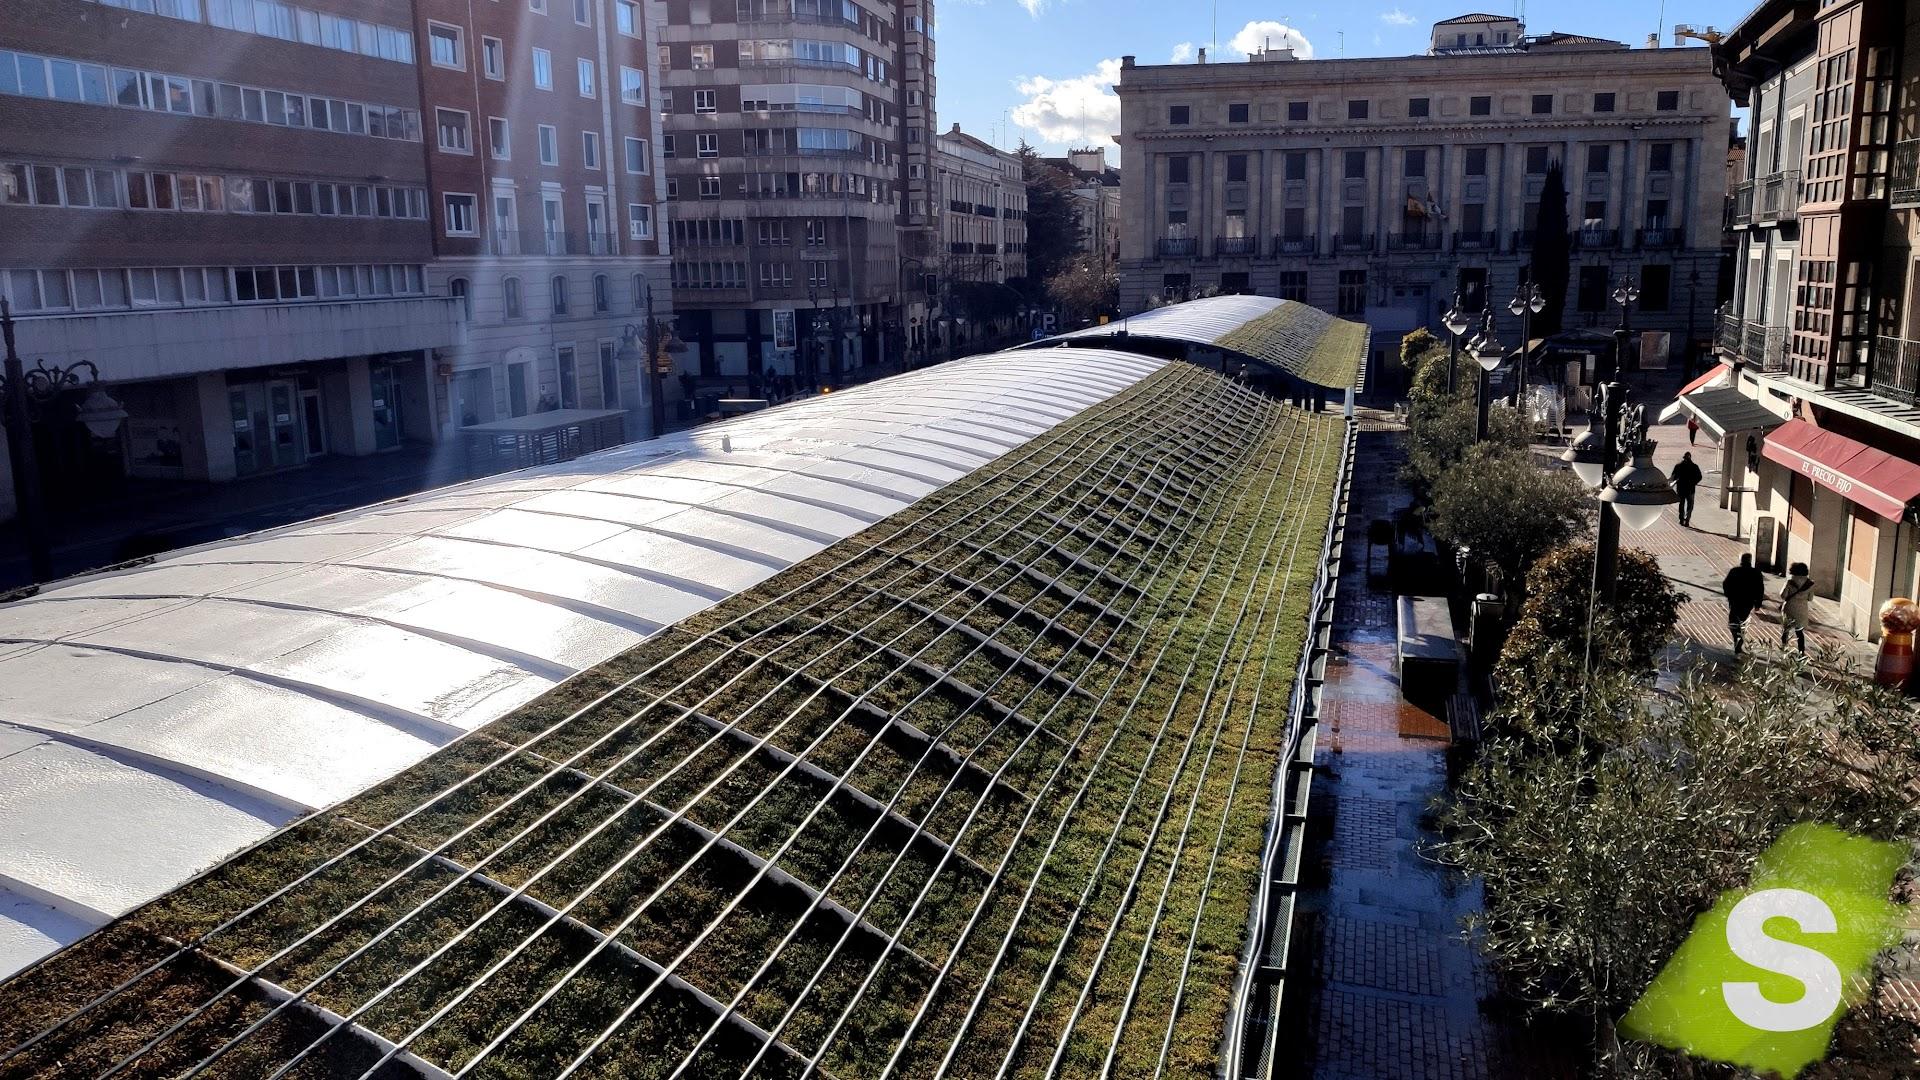 Cubierta vegetal instalada en la ciudad de Valladolid como iniciativa del proyecto Europeo UrbanGreenUp